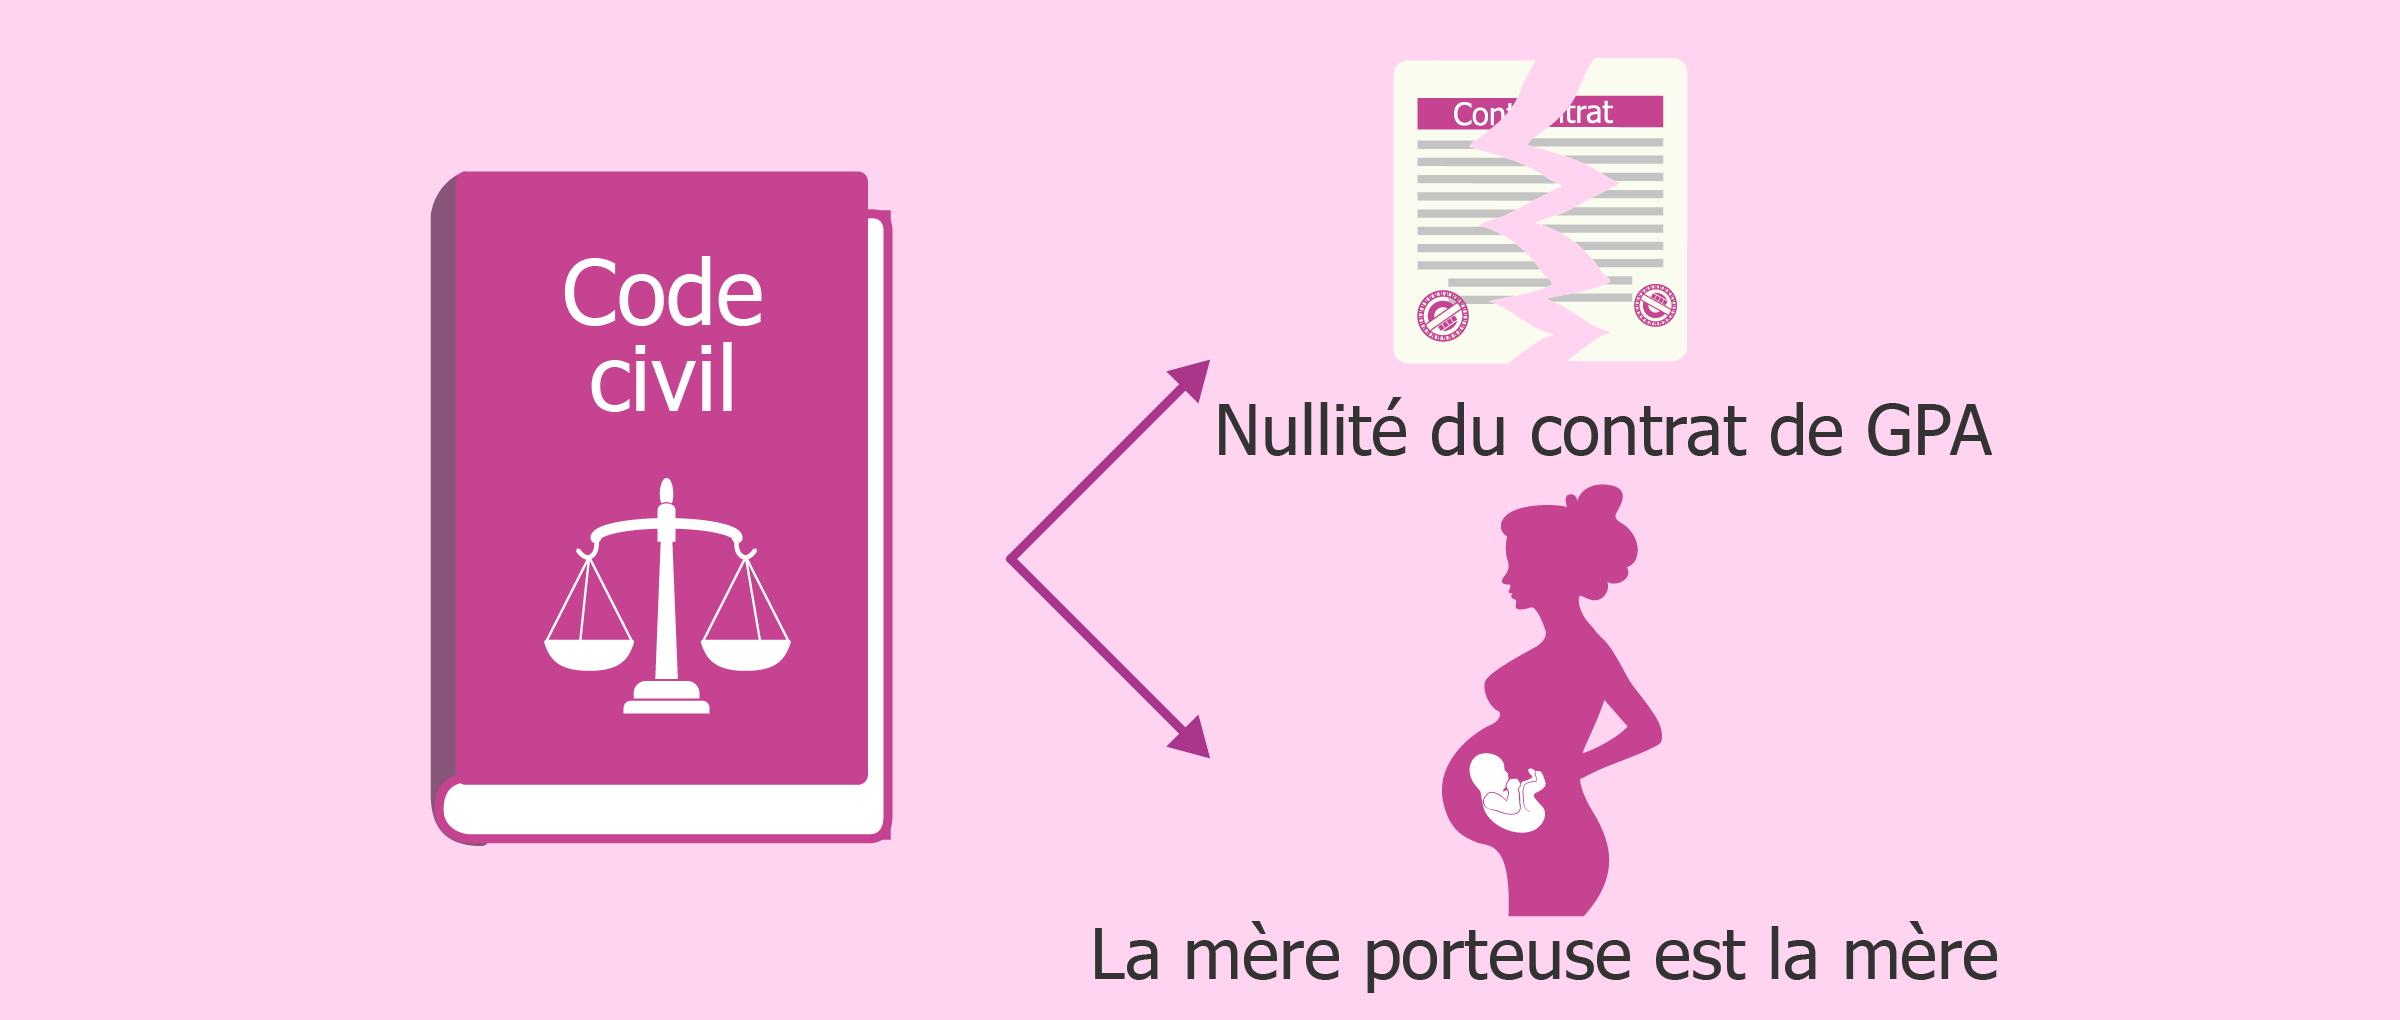 La loi française ne reconnaît pas la mère d'intention comme la mère légale